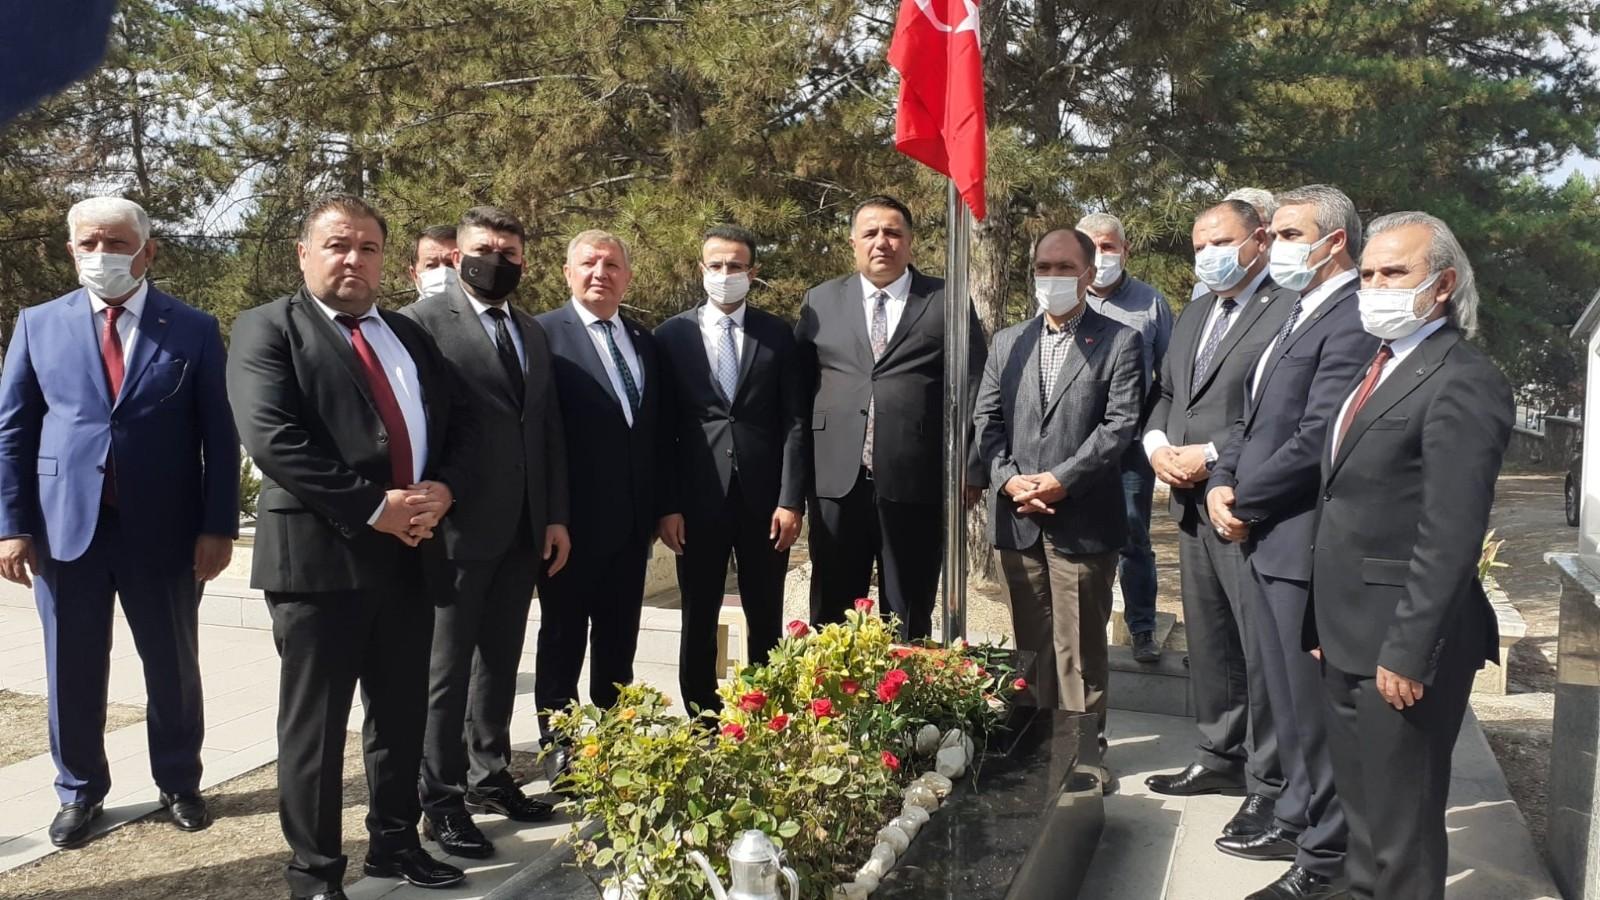 Şehit öğretmen Şenay Aybüke, mezarı başında anıldı